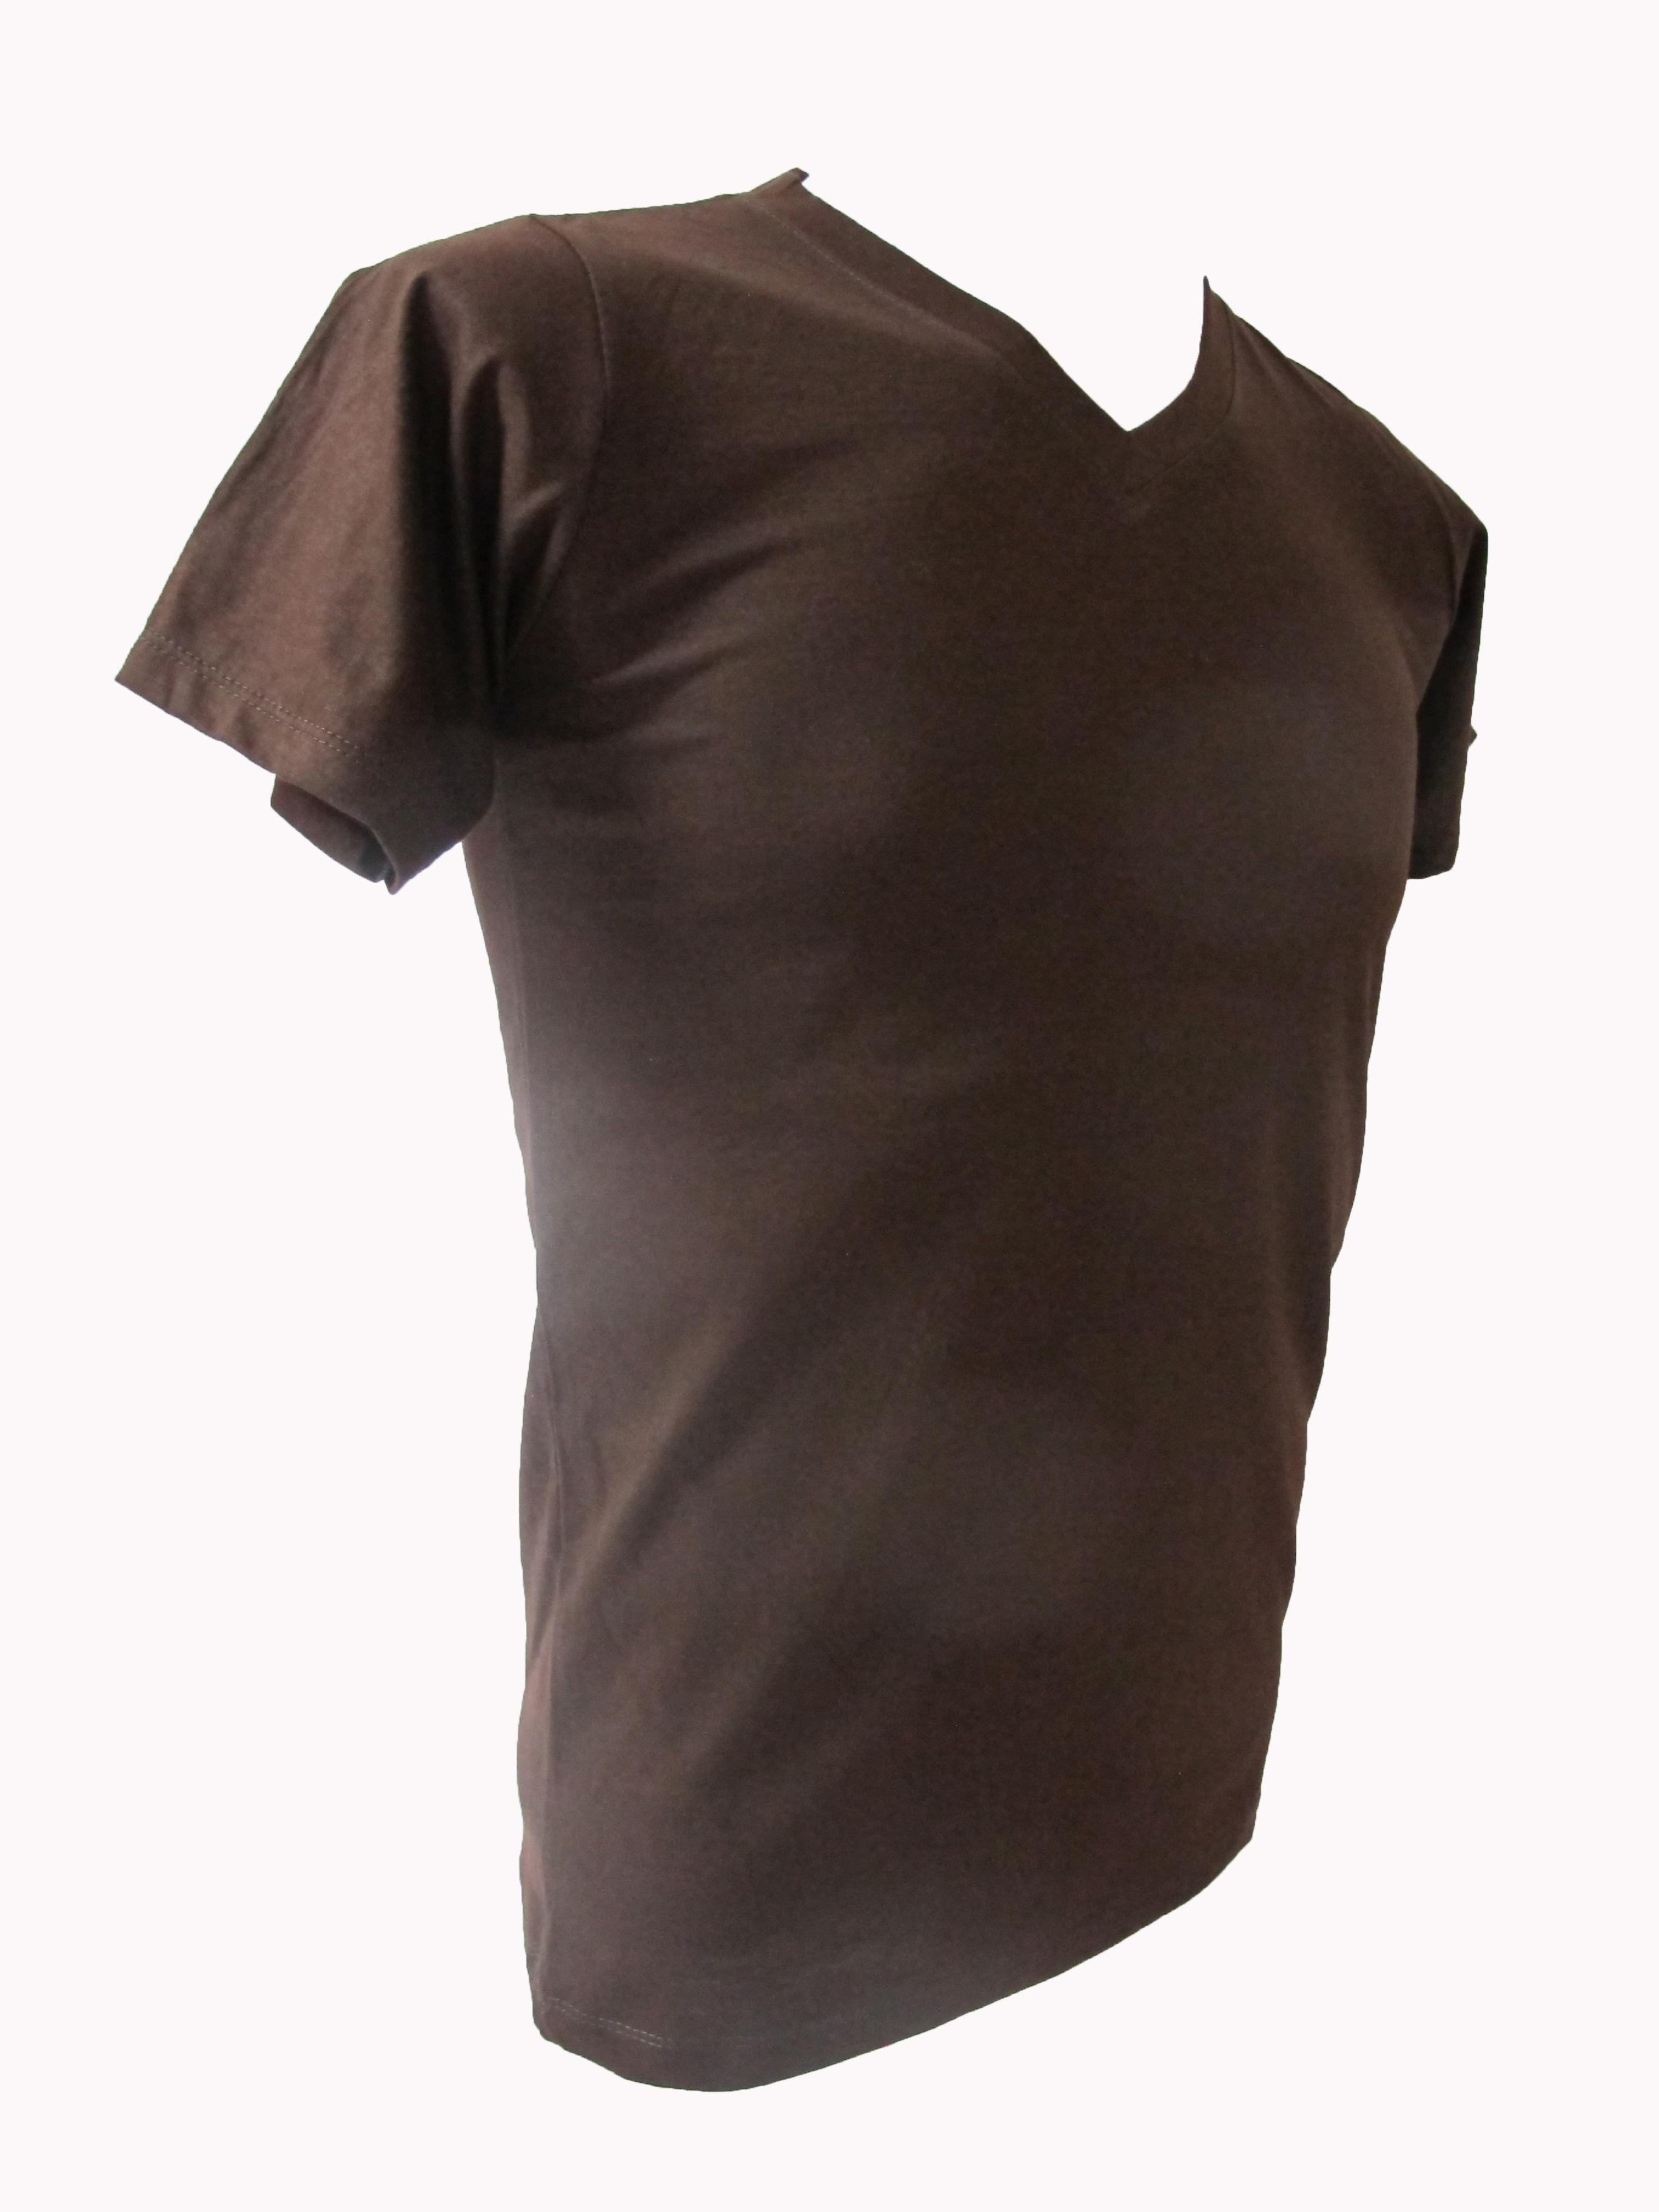 COTTON100% เบอร์32 เสื้อยืดแขนสั้น คอวี สีน้ำตาล